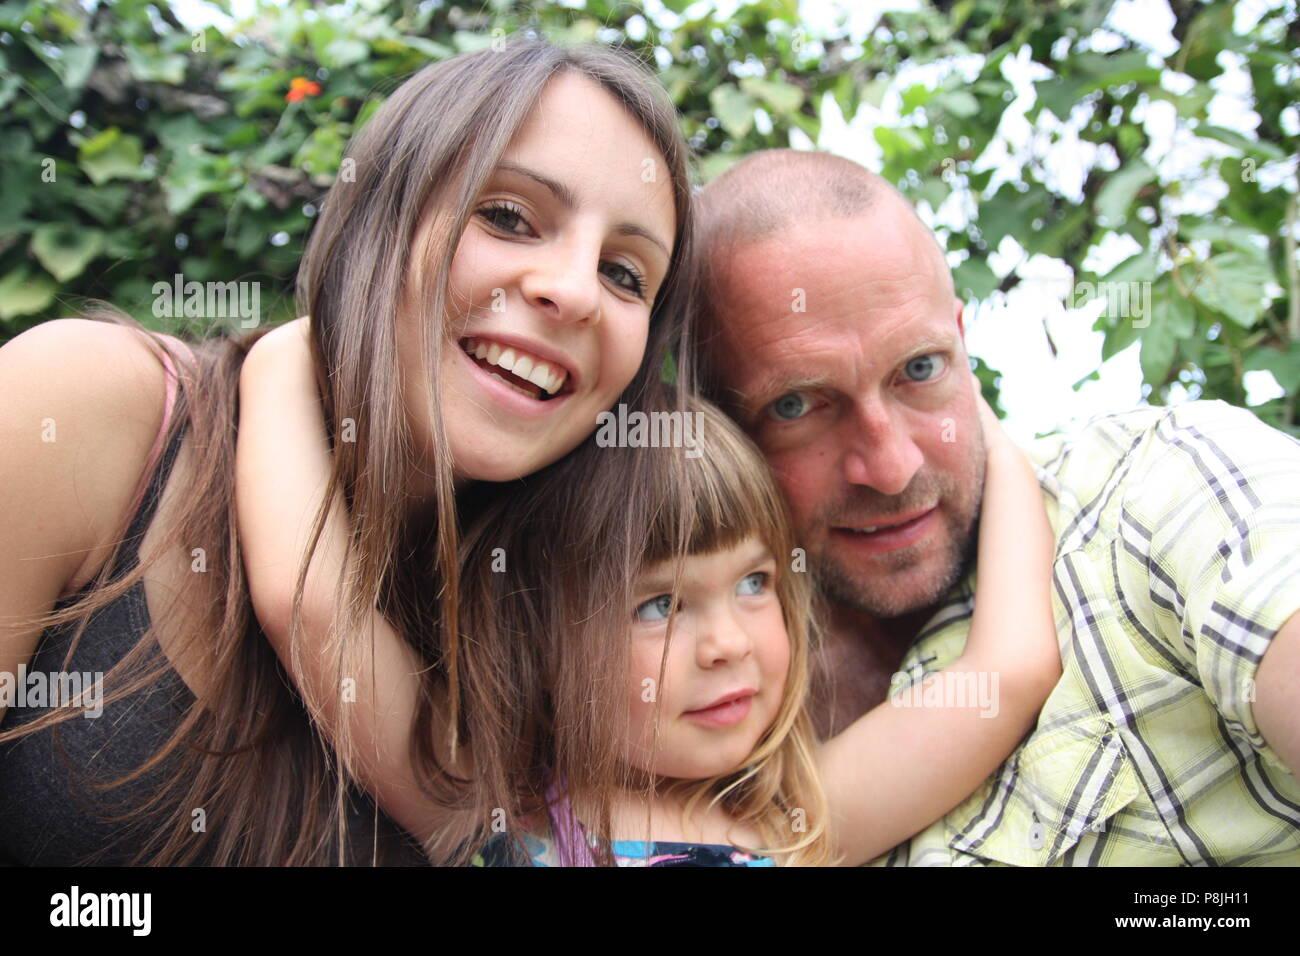 Belle famille heureuse photo selfies câlins longs cheveux noirs couple avec enfant Photo Stock